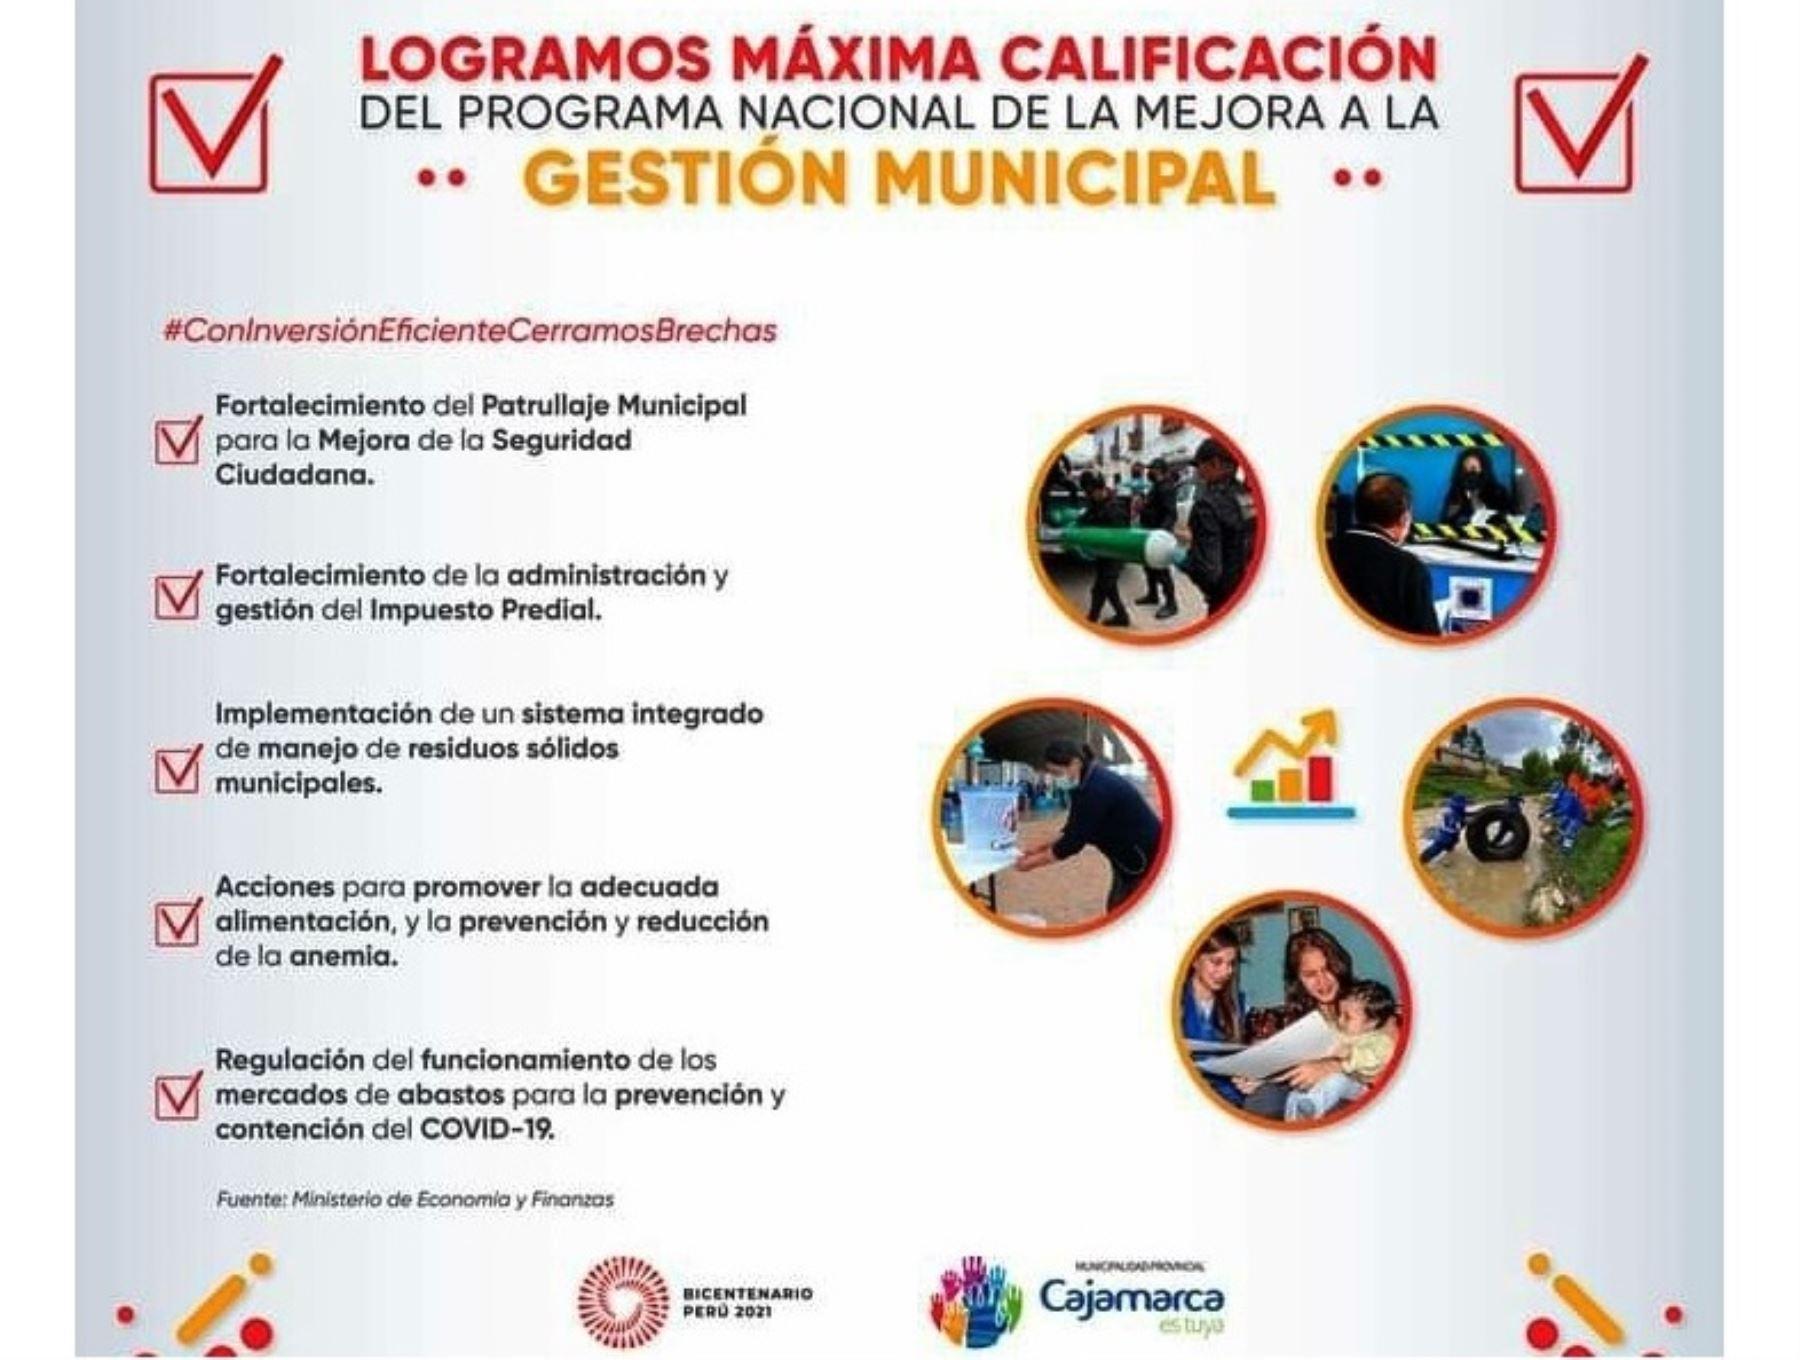 Municipalidad de Cajamarca logra metas de gestión establecidas por el MEF y recibirá cerca de S/ 5 millones adicionales, afirma su alcalde Andrés Villar. ANDINA/Difusión